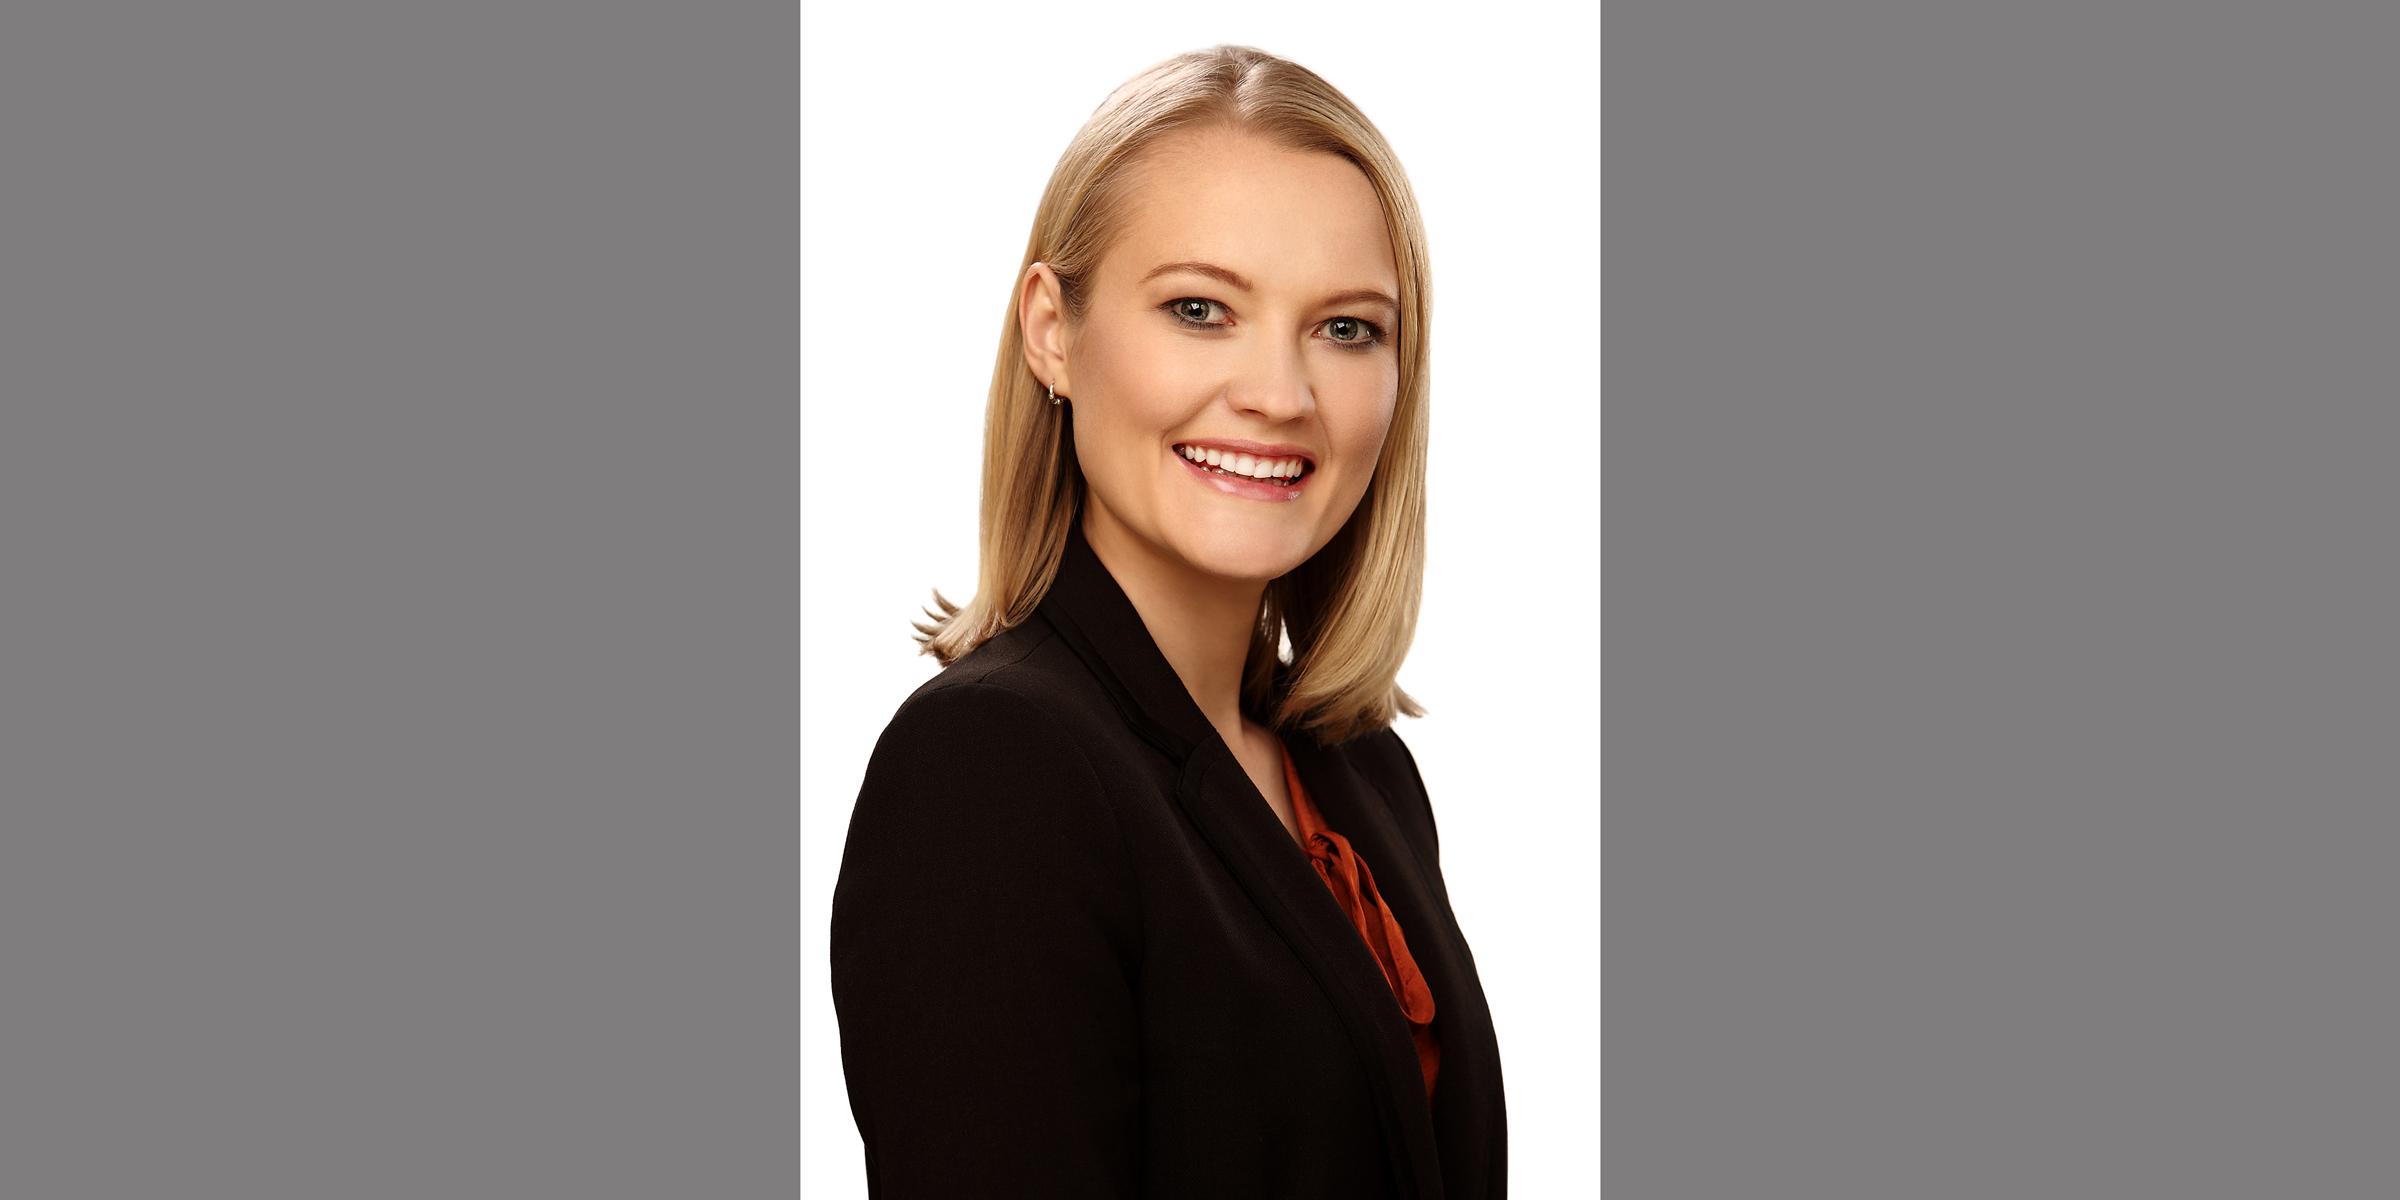 Bewerbungsfoto, Farbportrait einer blonden Frau mit strahlendem Lächeln, die seitlich in dunklem Business-Jackett posiert.